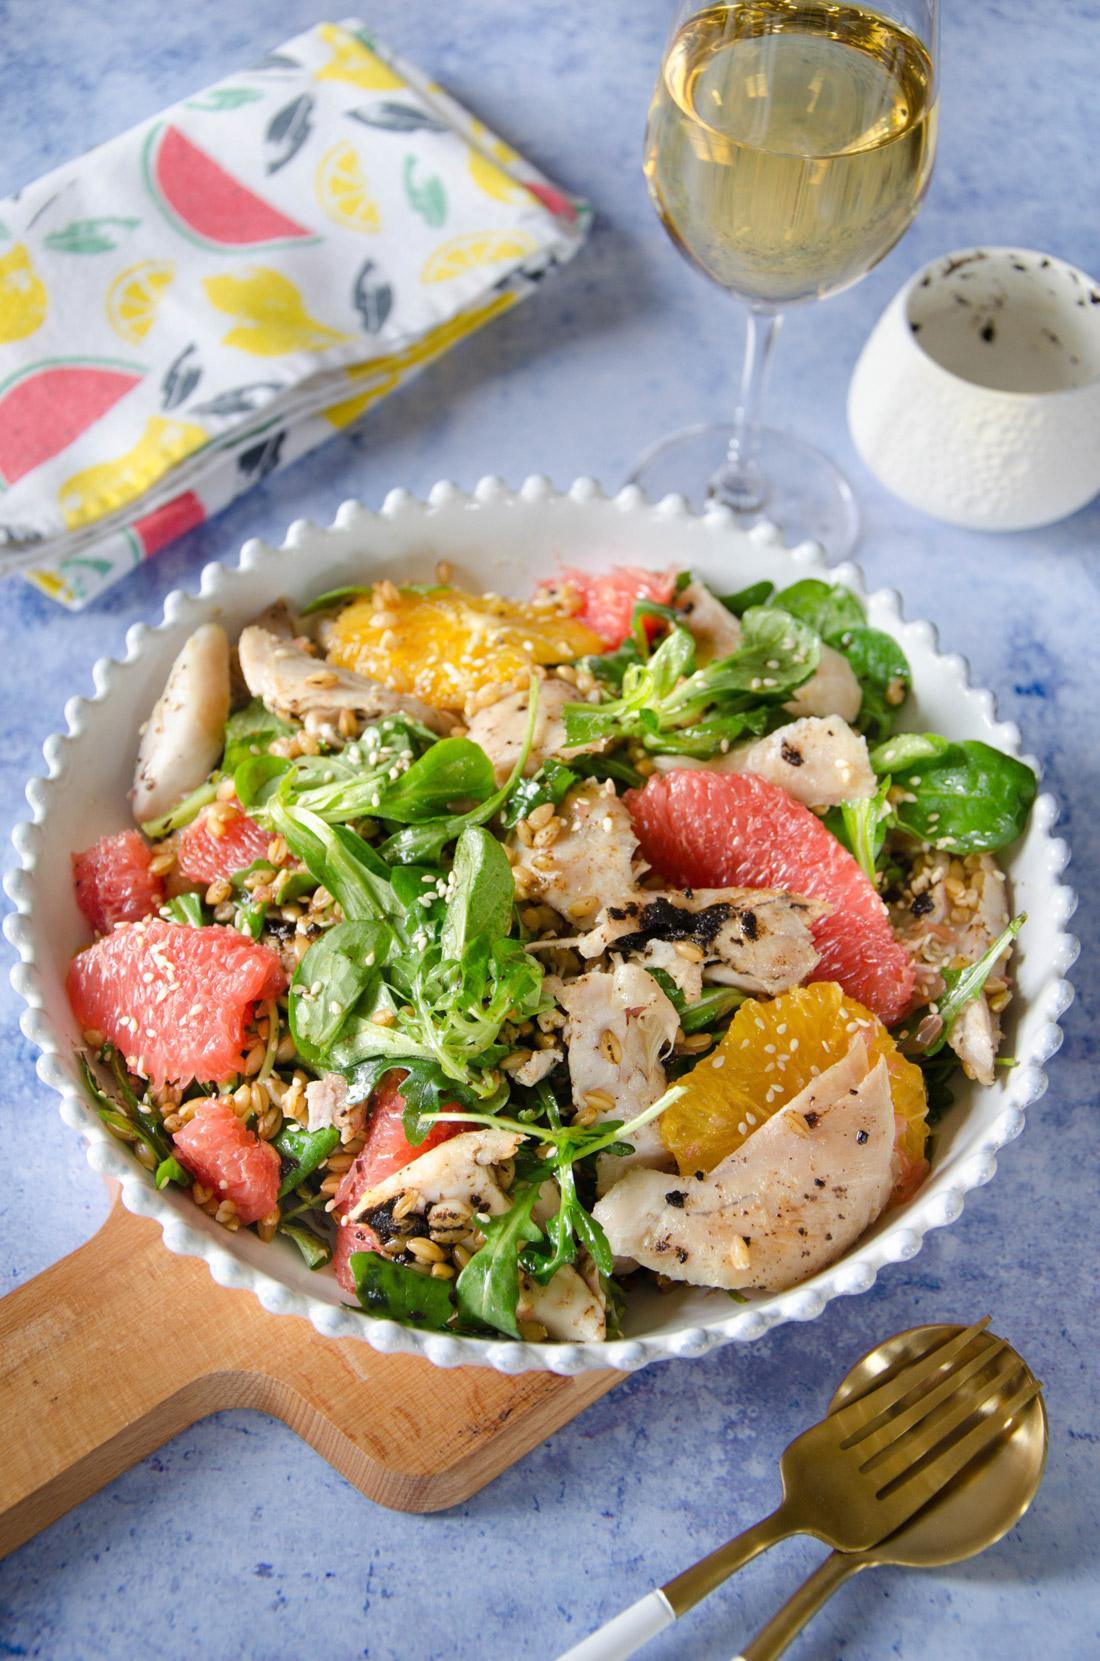 Salade de lapin aux agrumes avec une vinaigrette ail noir maison